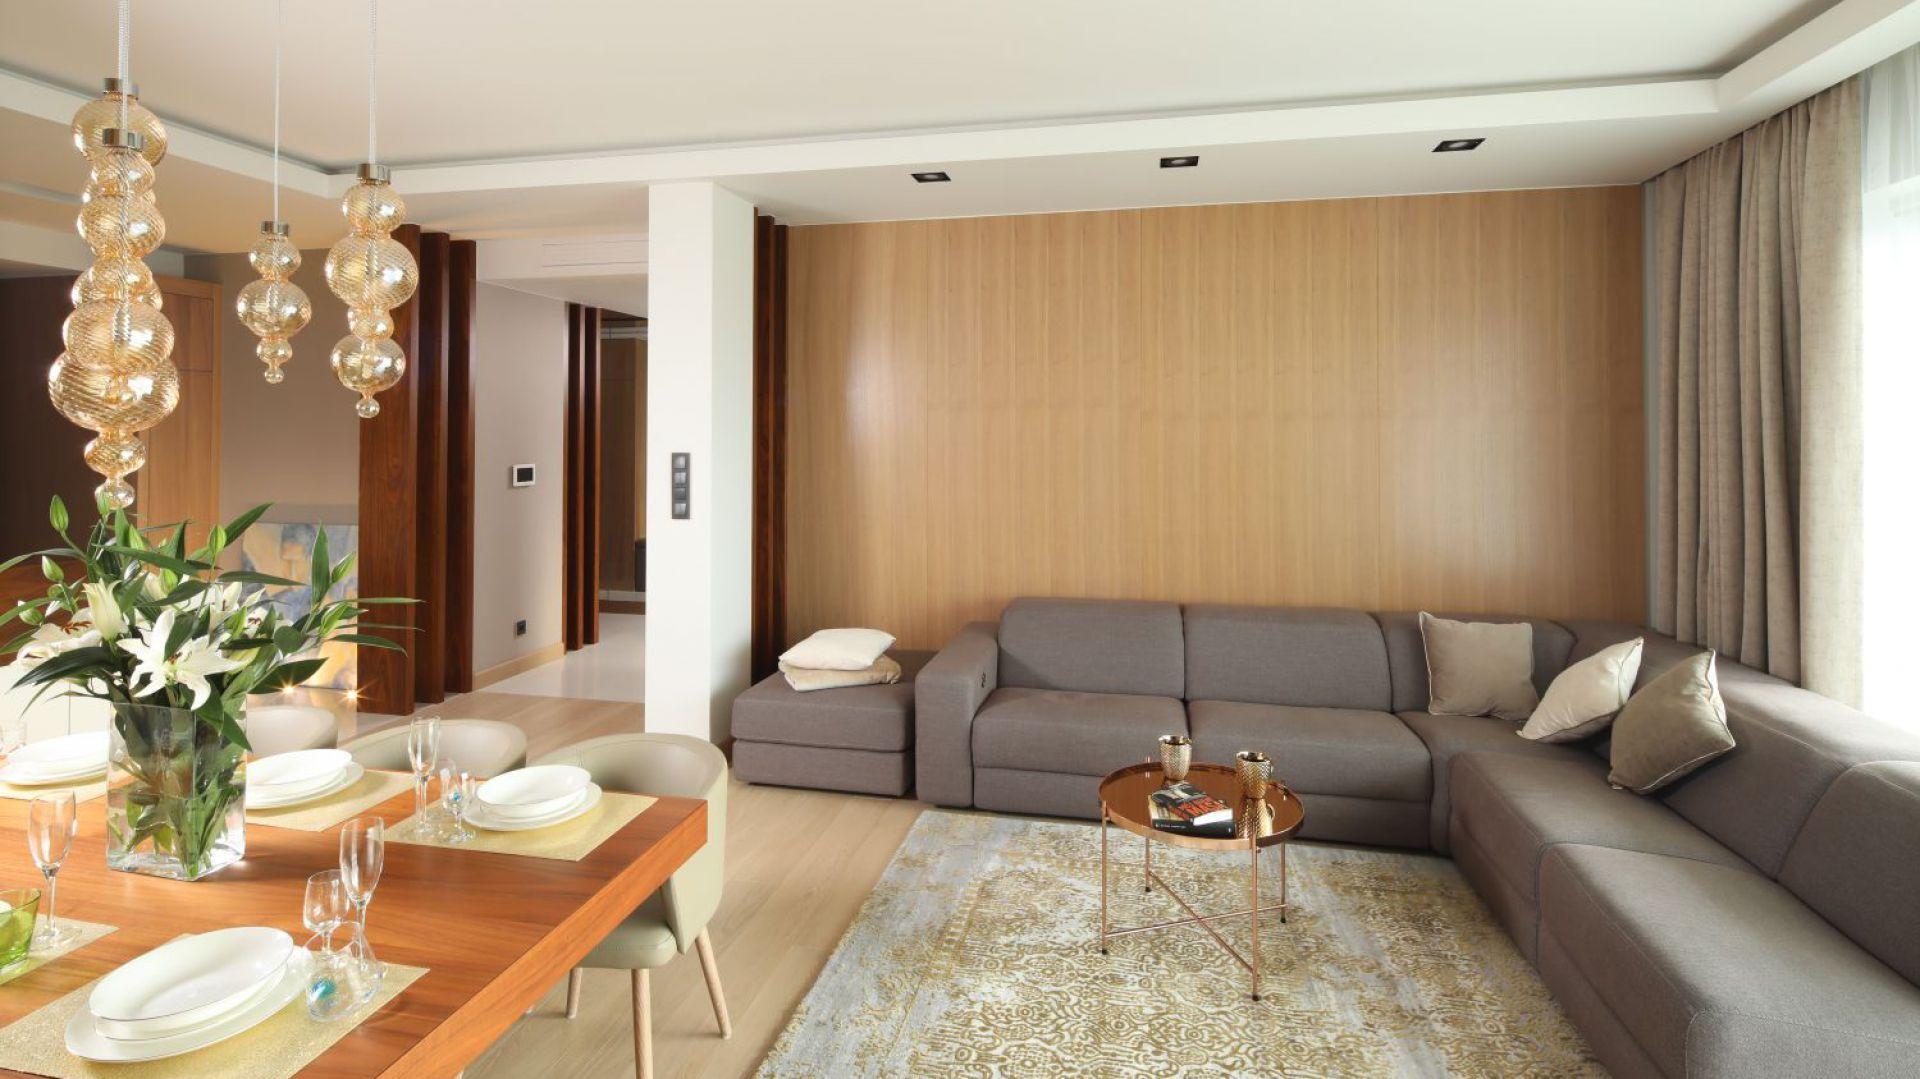 Nowoczesne Mieszkanie Przytulne Wnetrze W Bezach I Brazach Furniture Home Home Decor